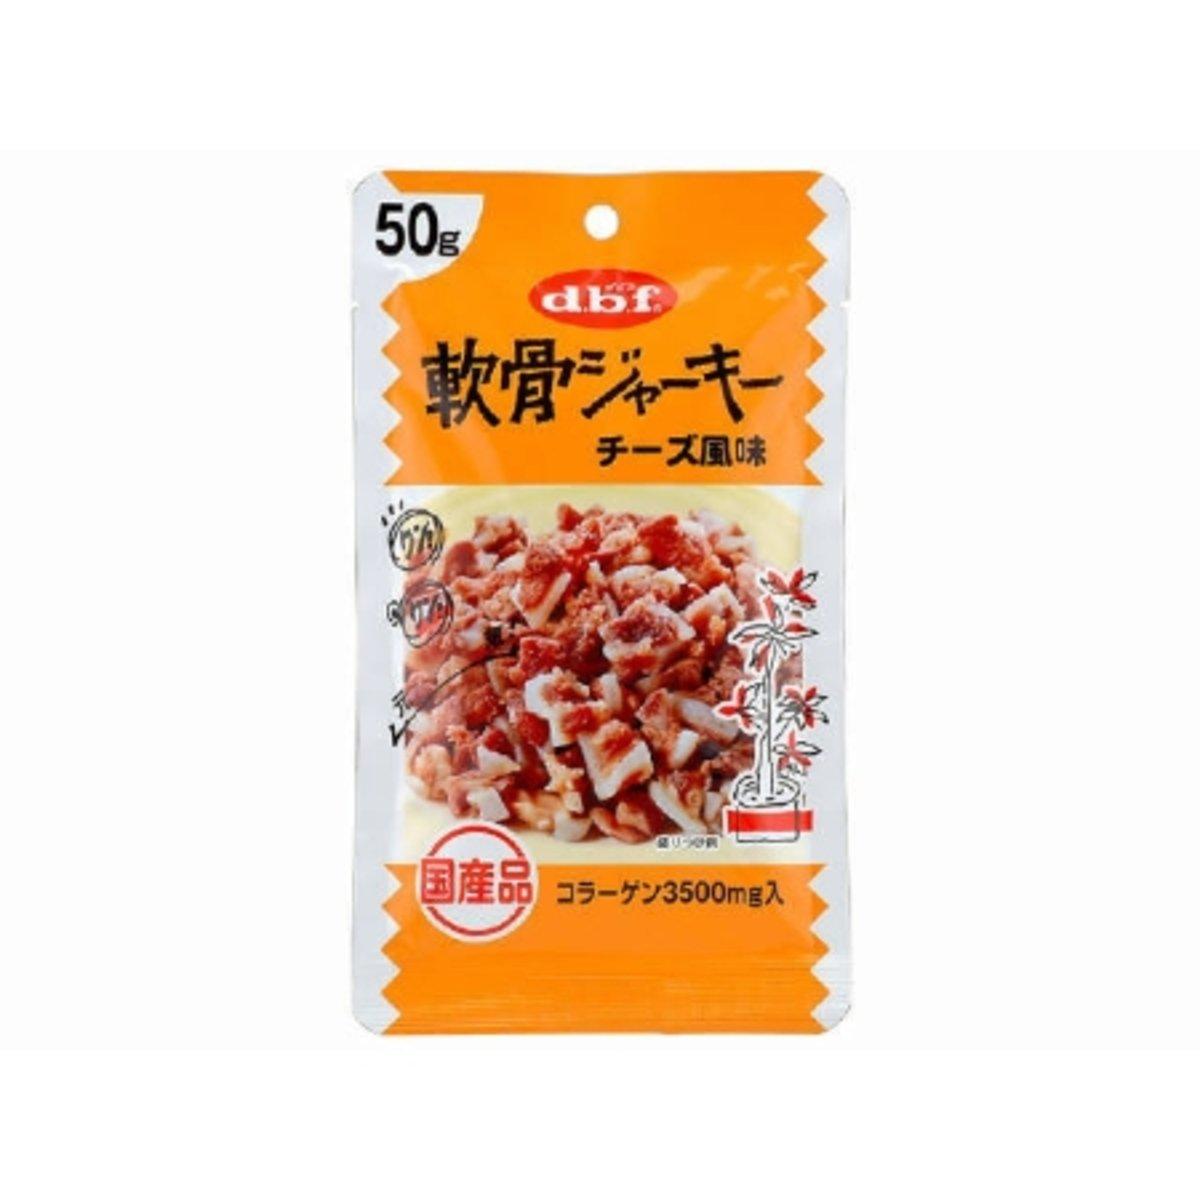 日本 DBF 豬軟骨- 芝士味 50g